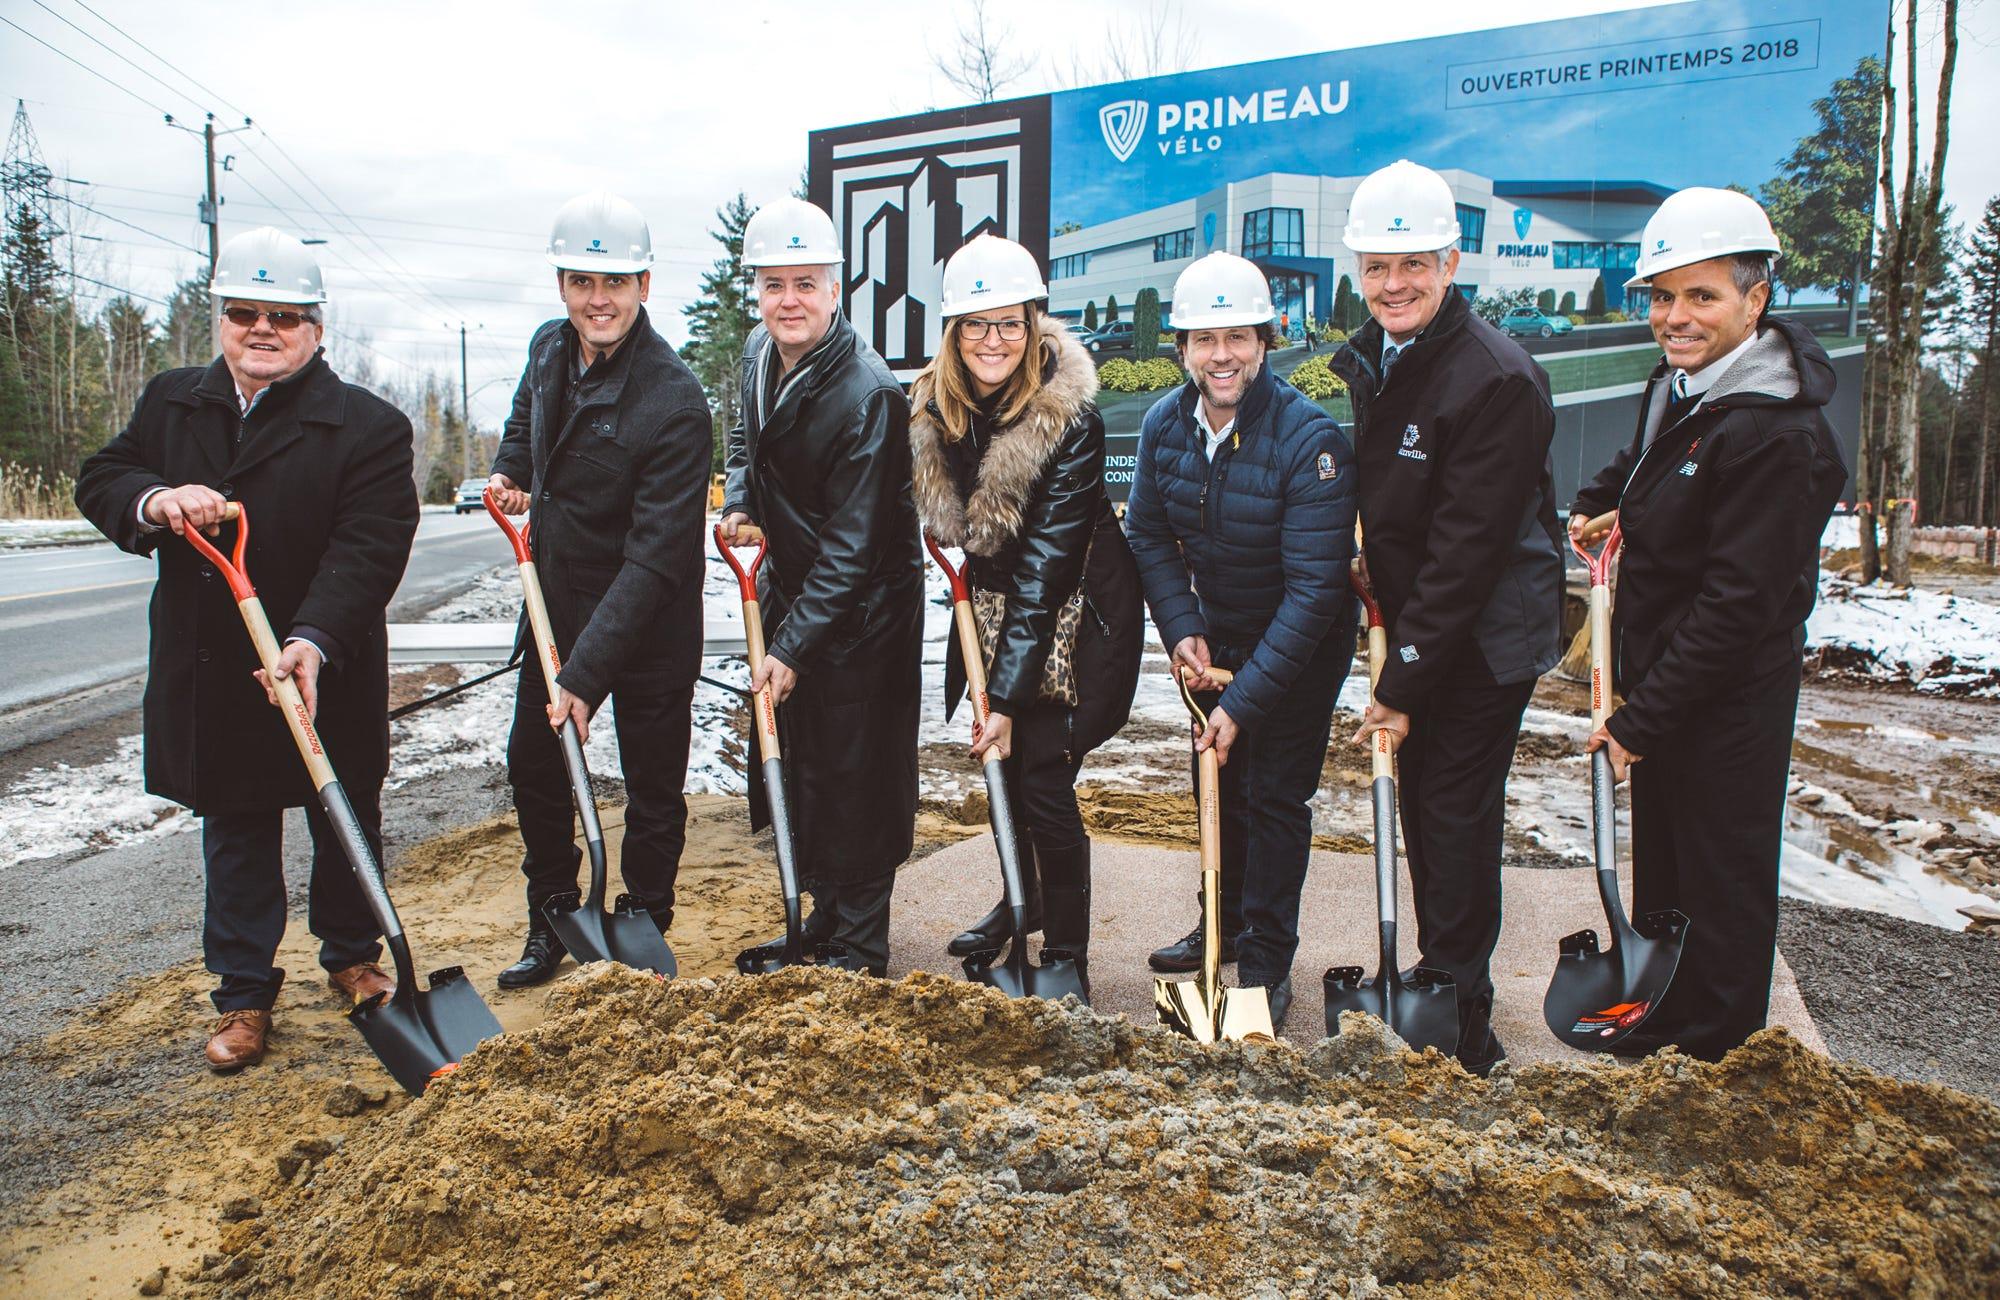 David Normand et Éric Primeau - Inauguration des constructions du magasin Primeau Vélo à Blainville en 2018